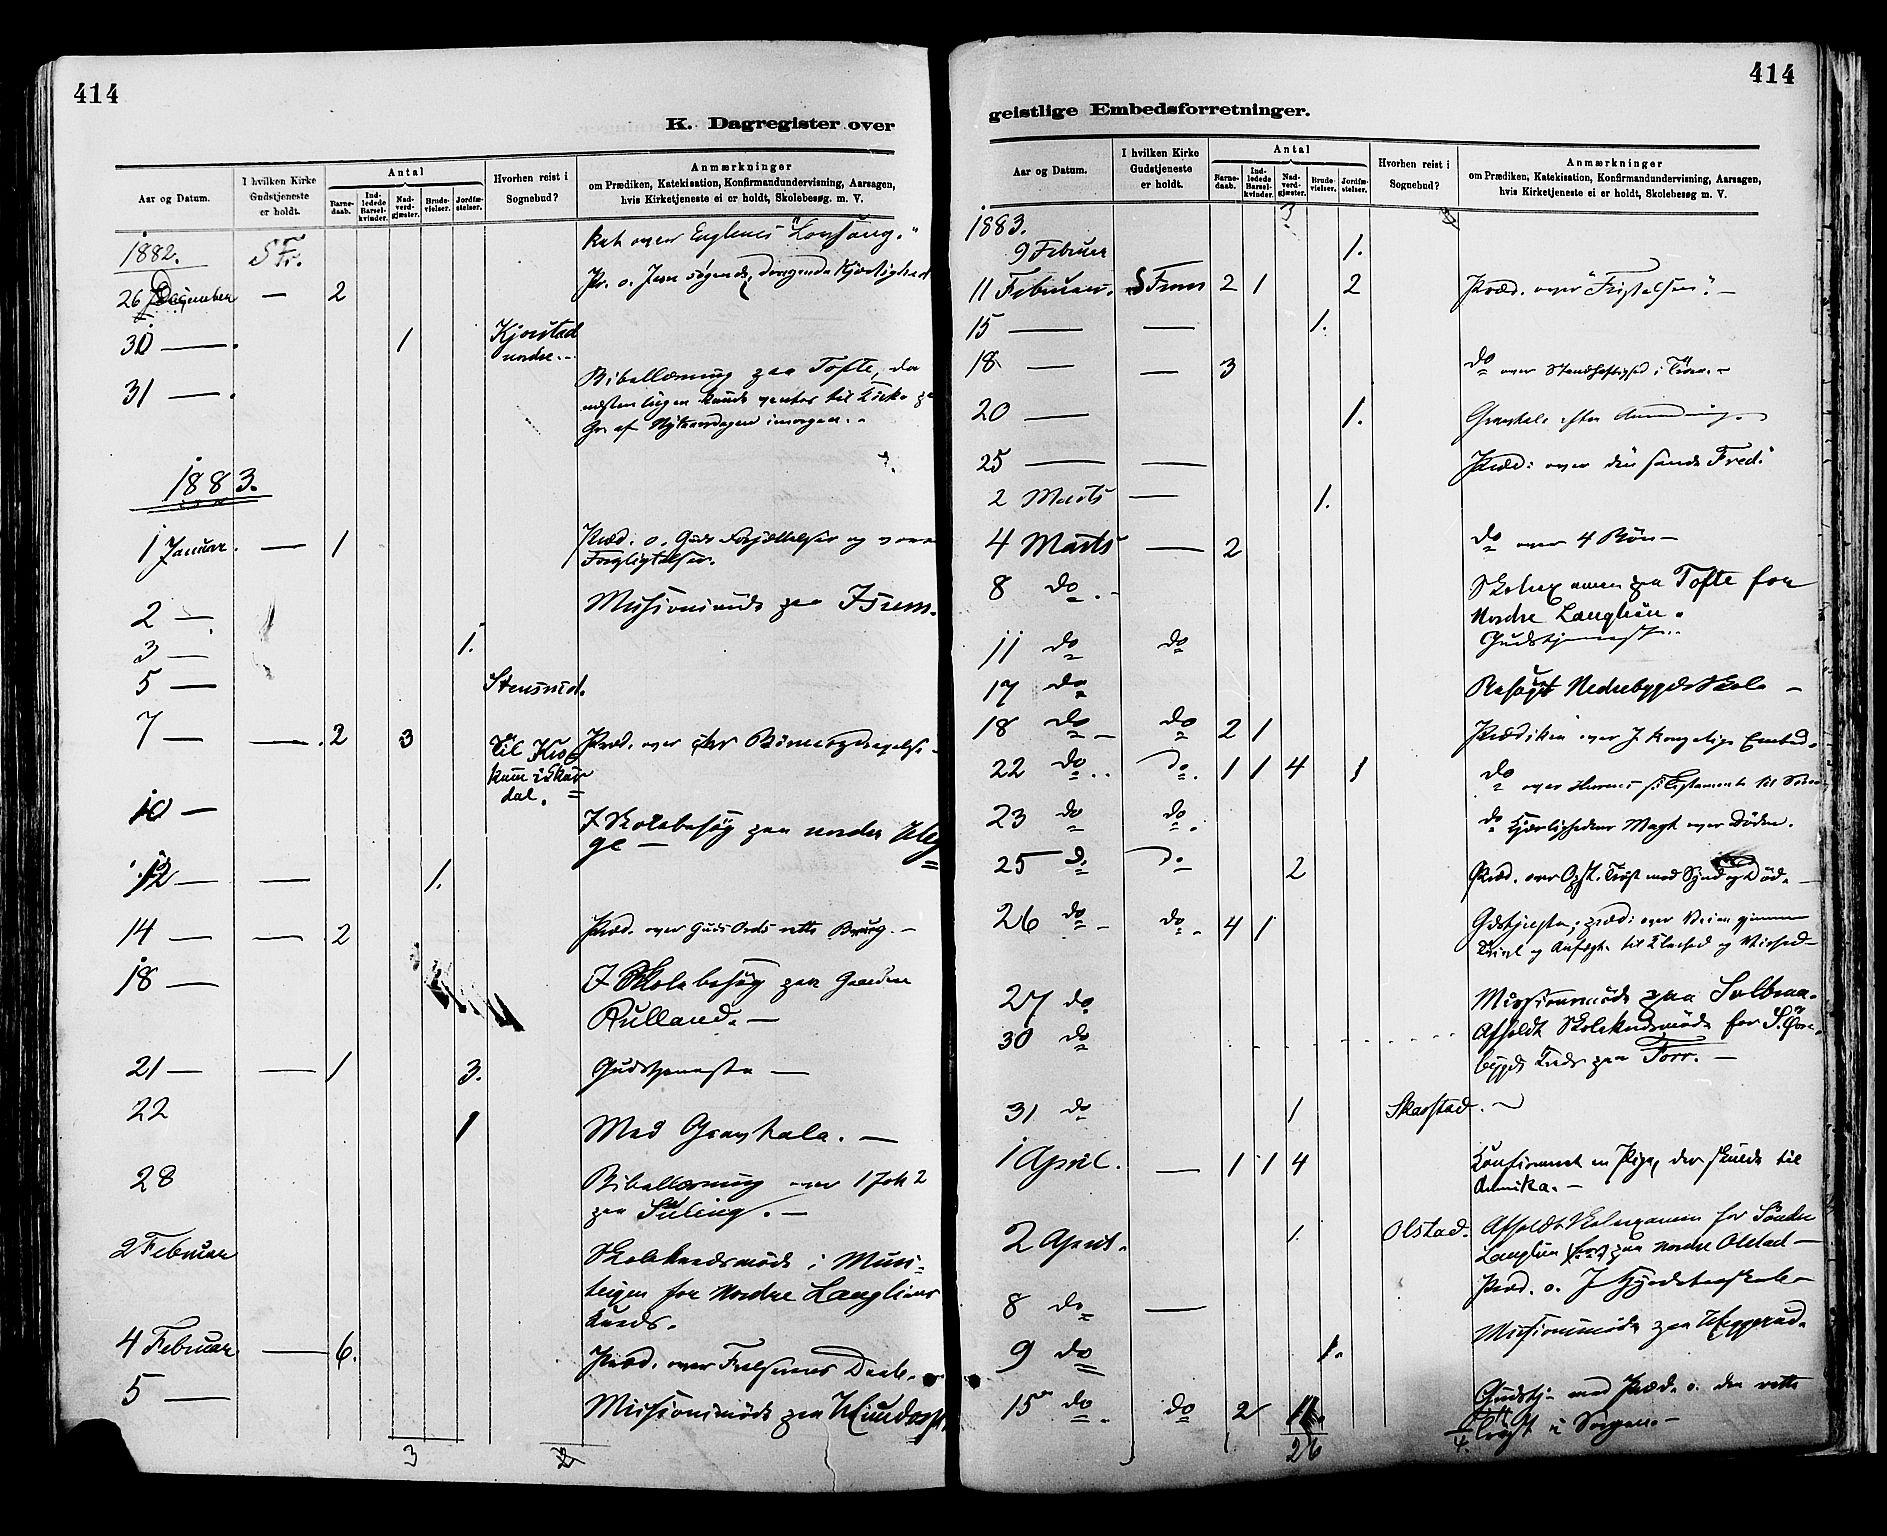 SAH, Sør-Fron prestekontor, H/Ha/Haa/L0003: Ministerialbok nr. 3, 1881-1897, s. 414